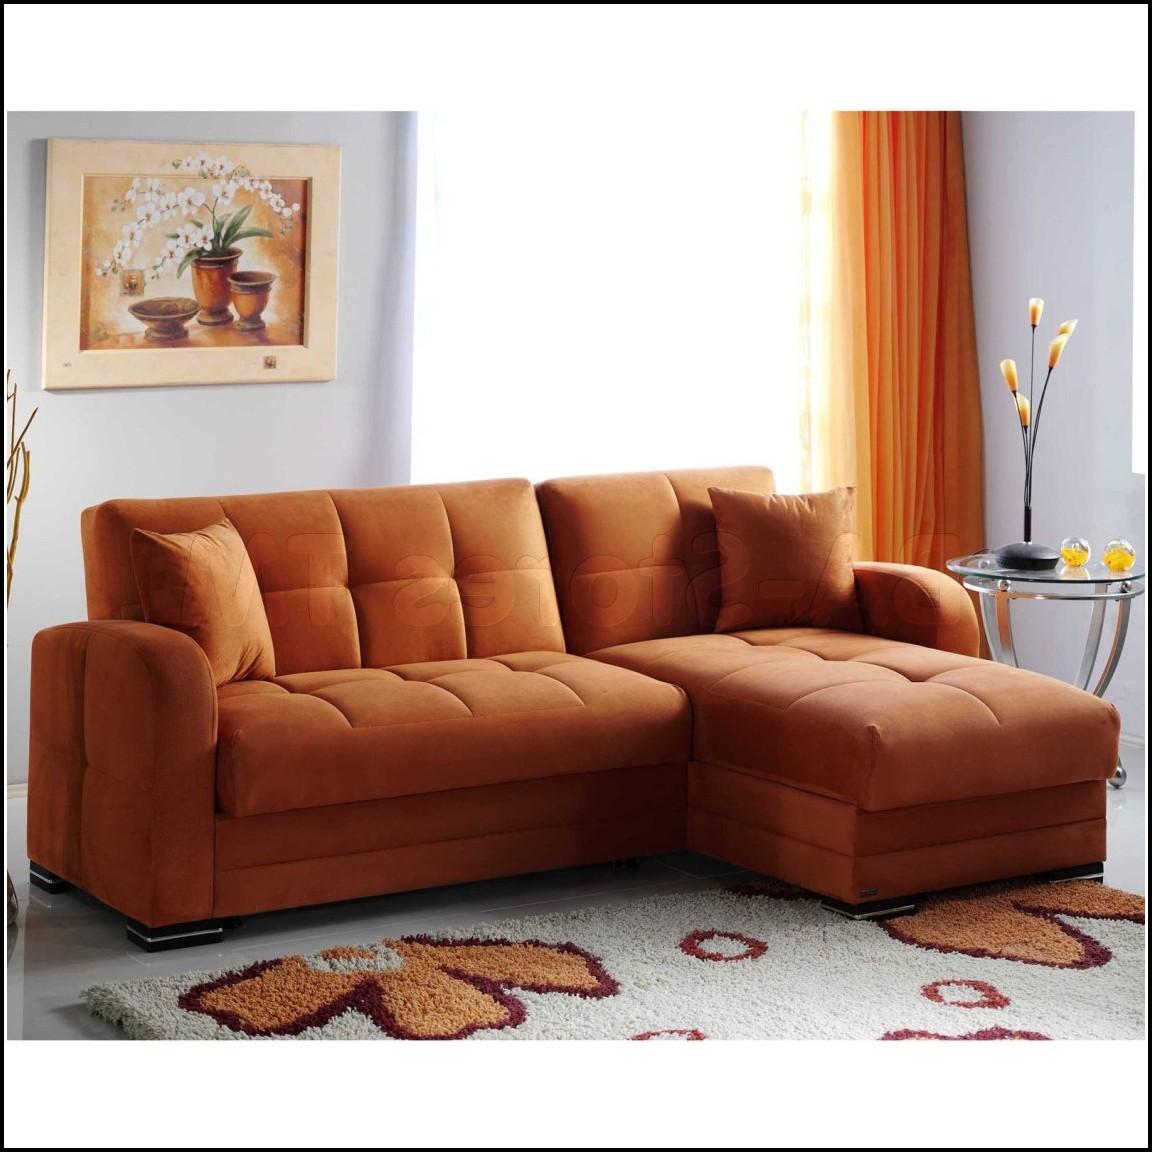 Designer Sofa Outlet Berlin sofas House und Dekor